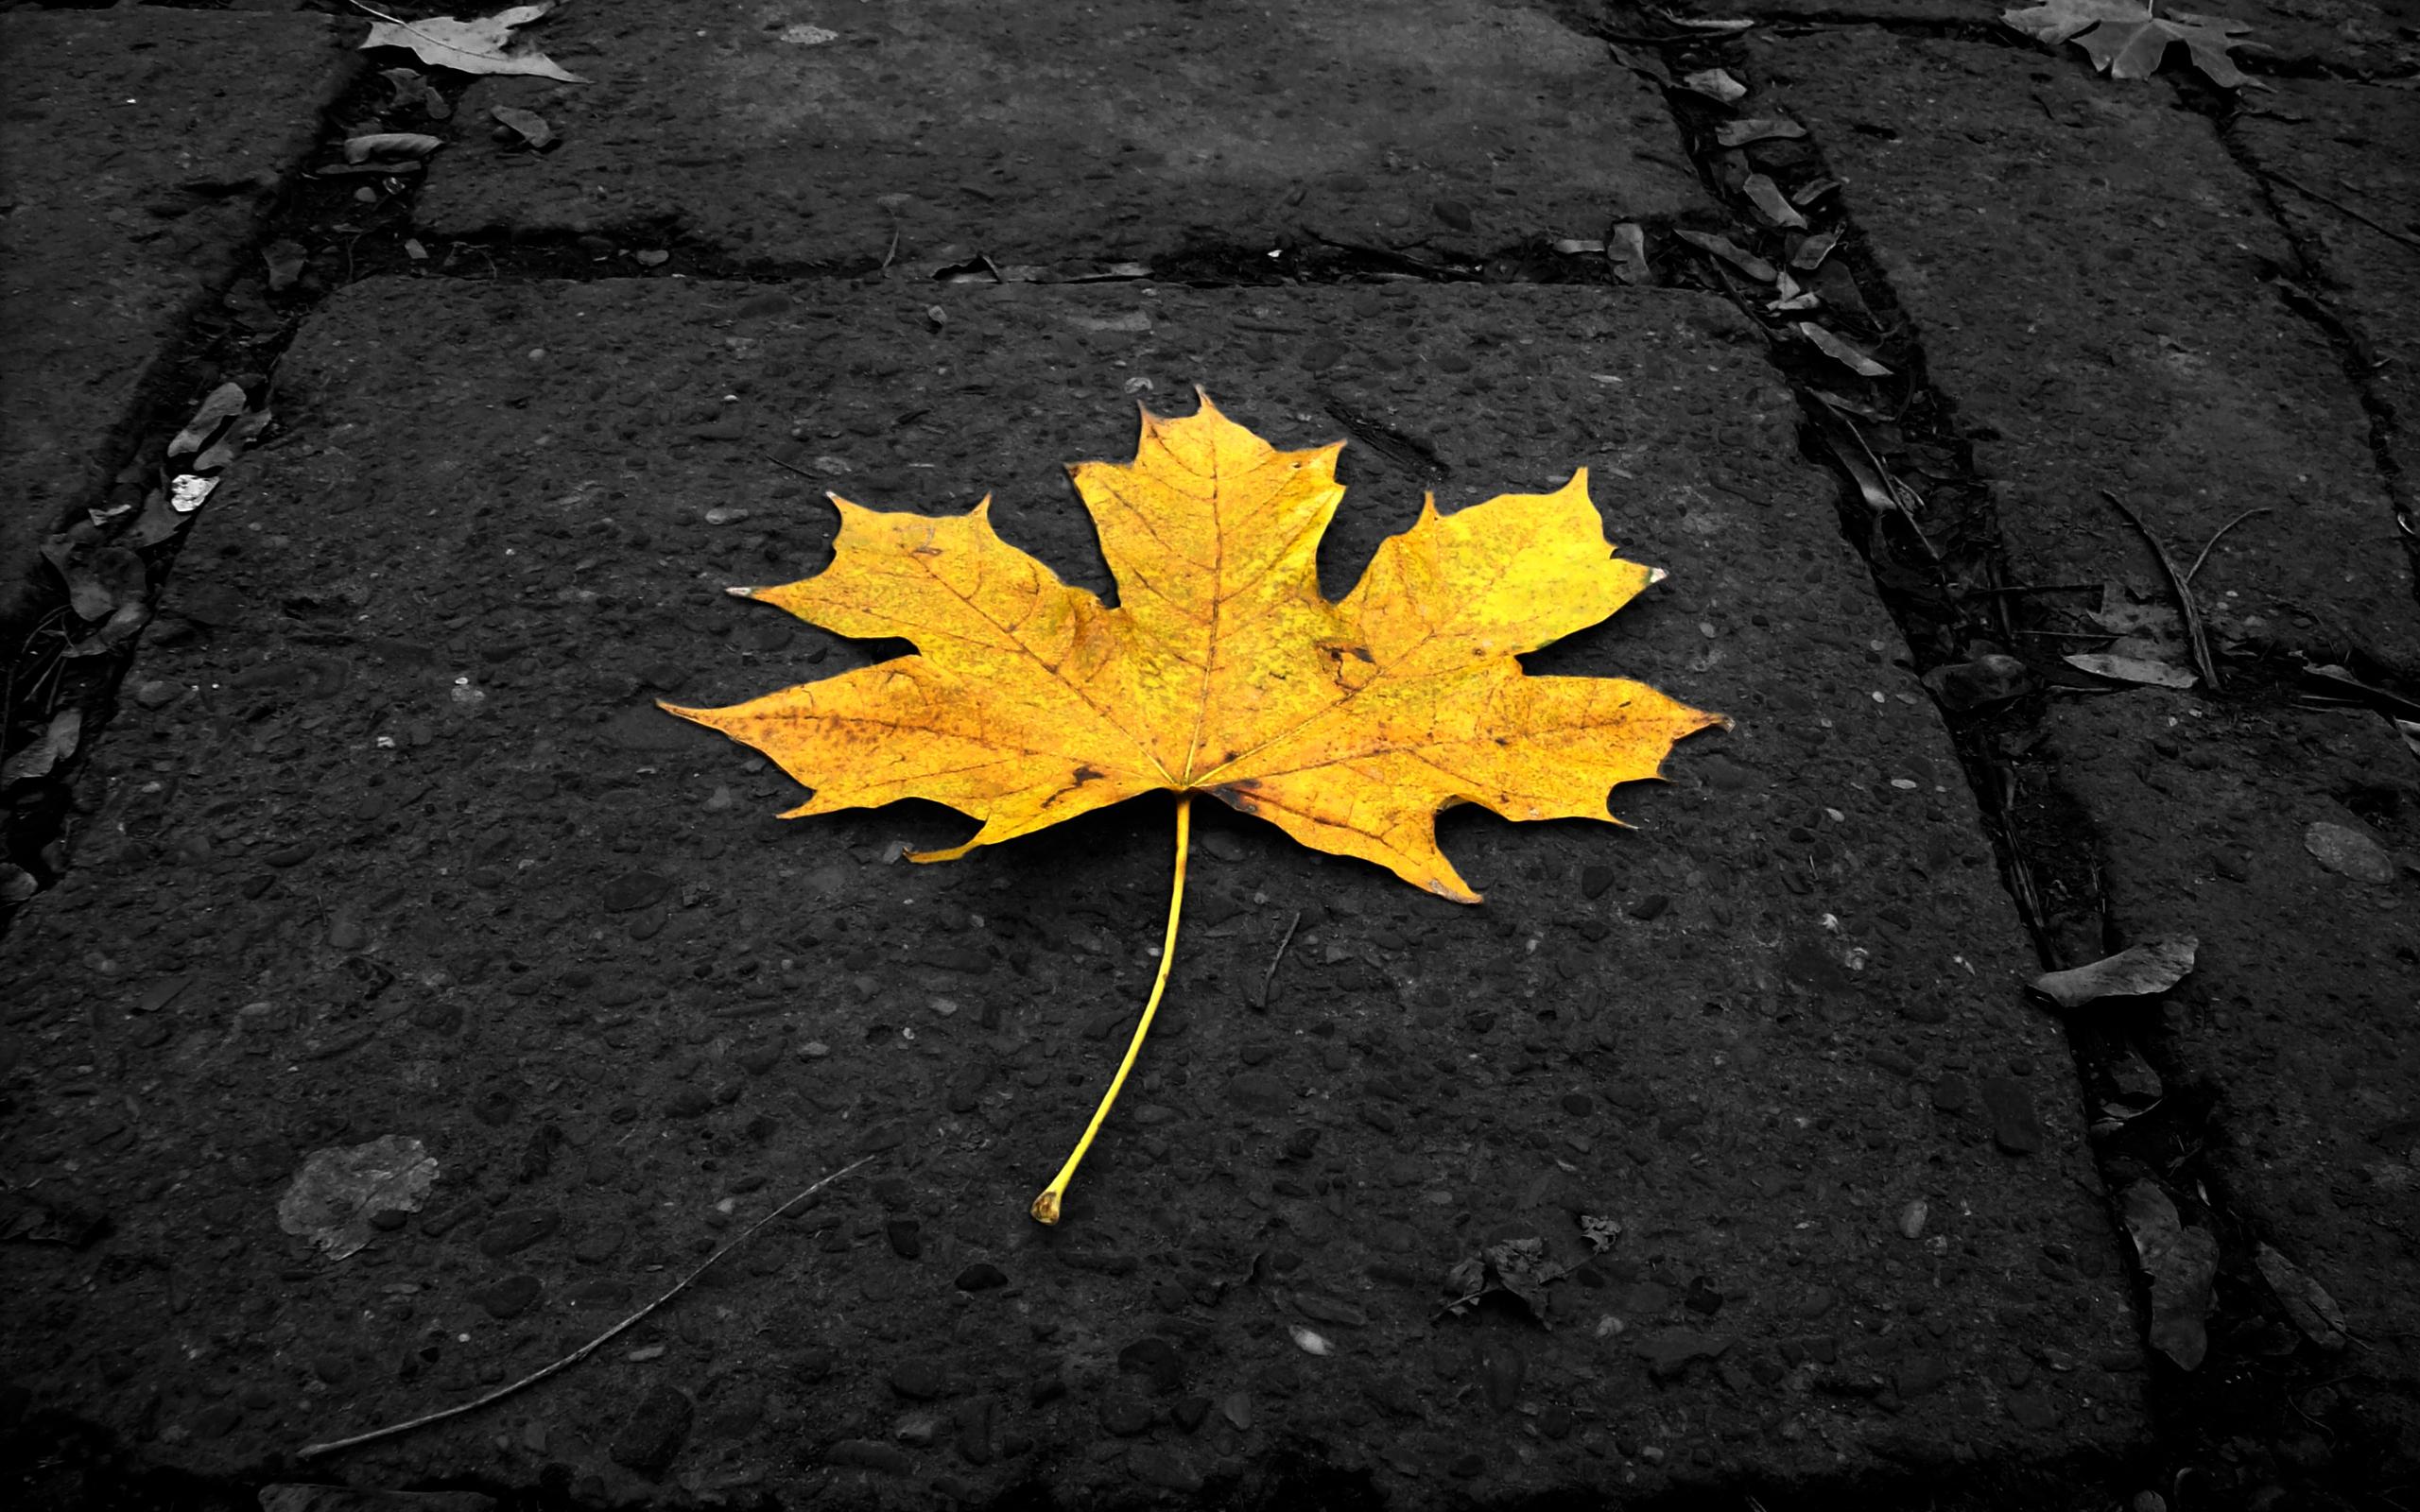 Обои желтые, асфальт, осень. Природа foto 15